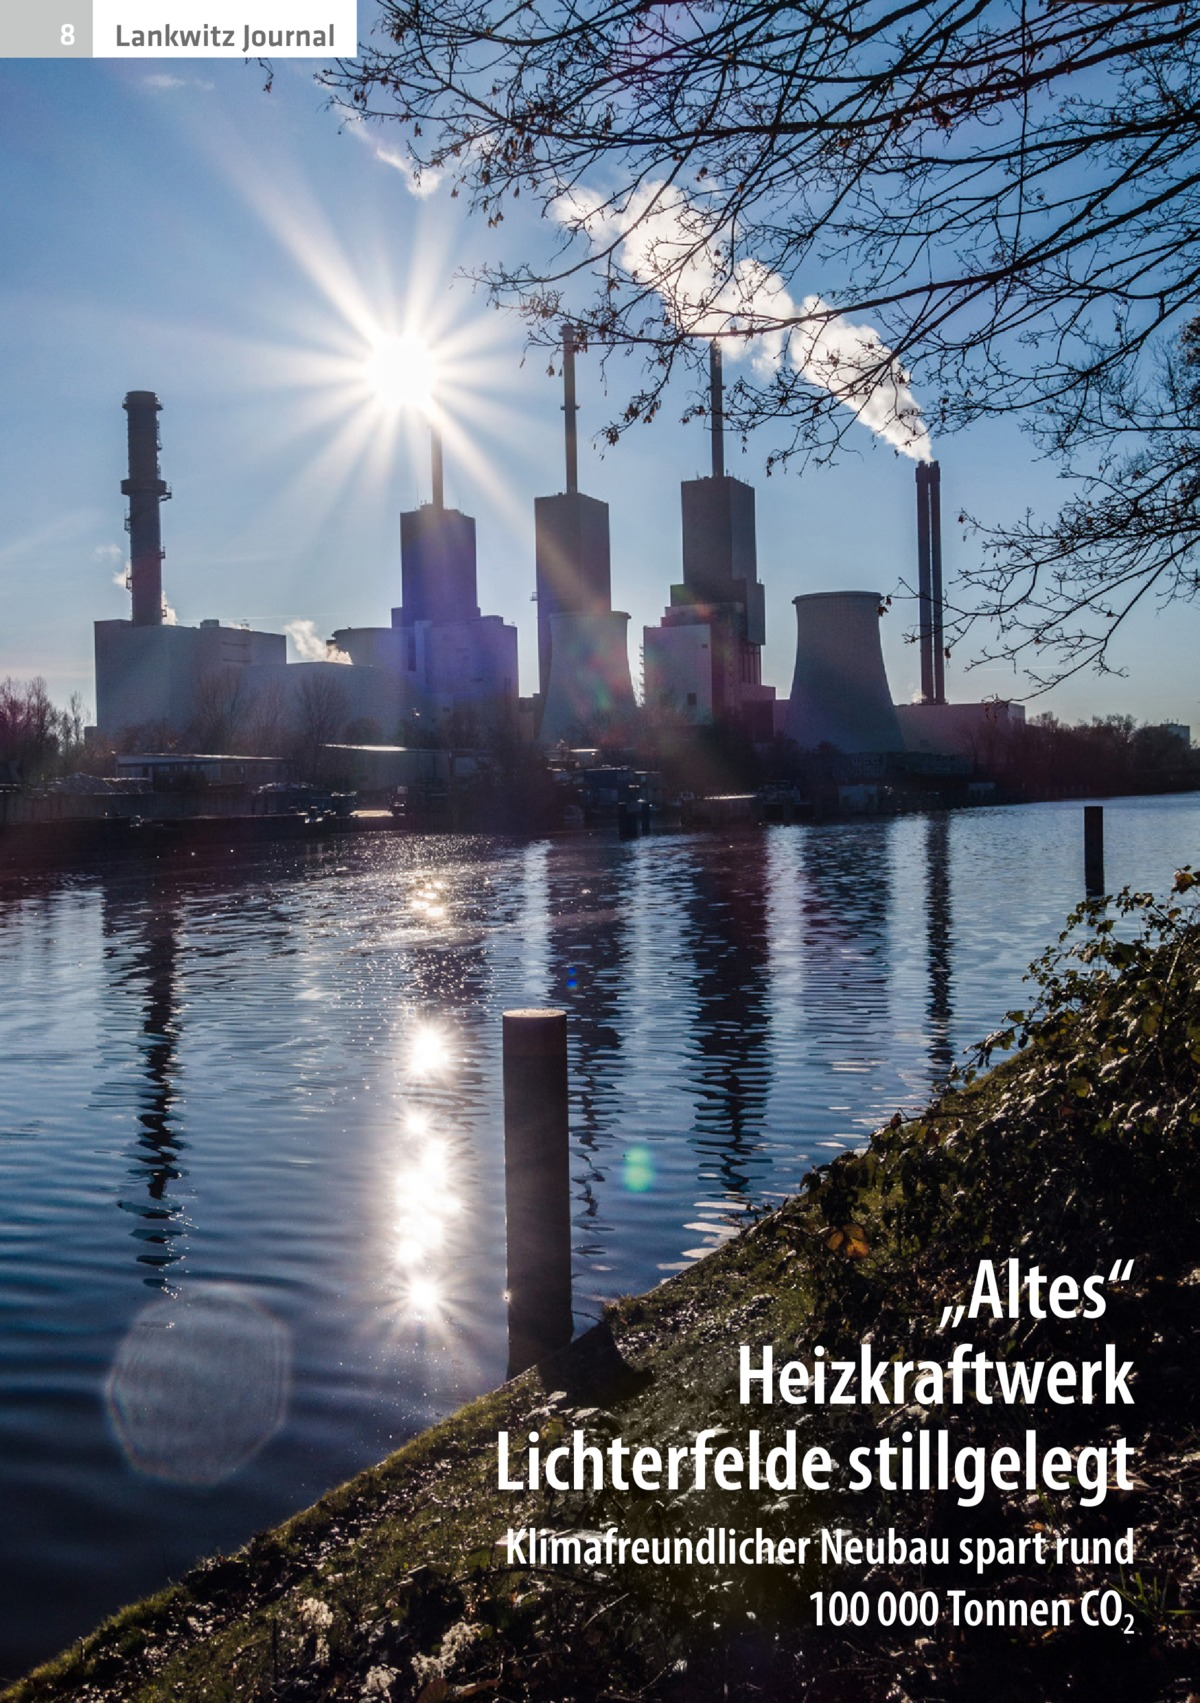 """8  Lankwitz Journal  """"Altes"""" Heizkraftwerk Lichterfelde stillgelegt Klimafreundlicher Neubau spart rund 100000Tonnen CO2"""